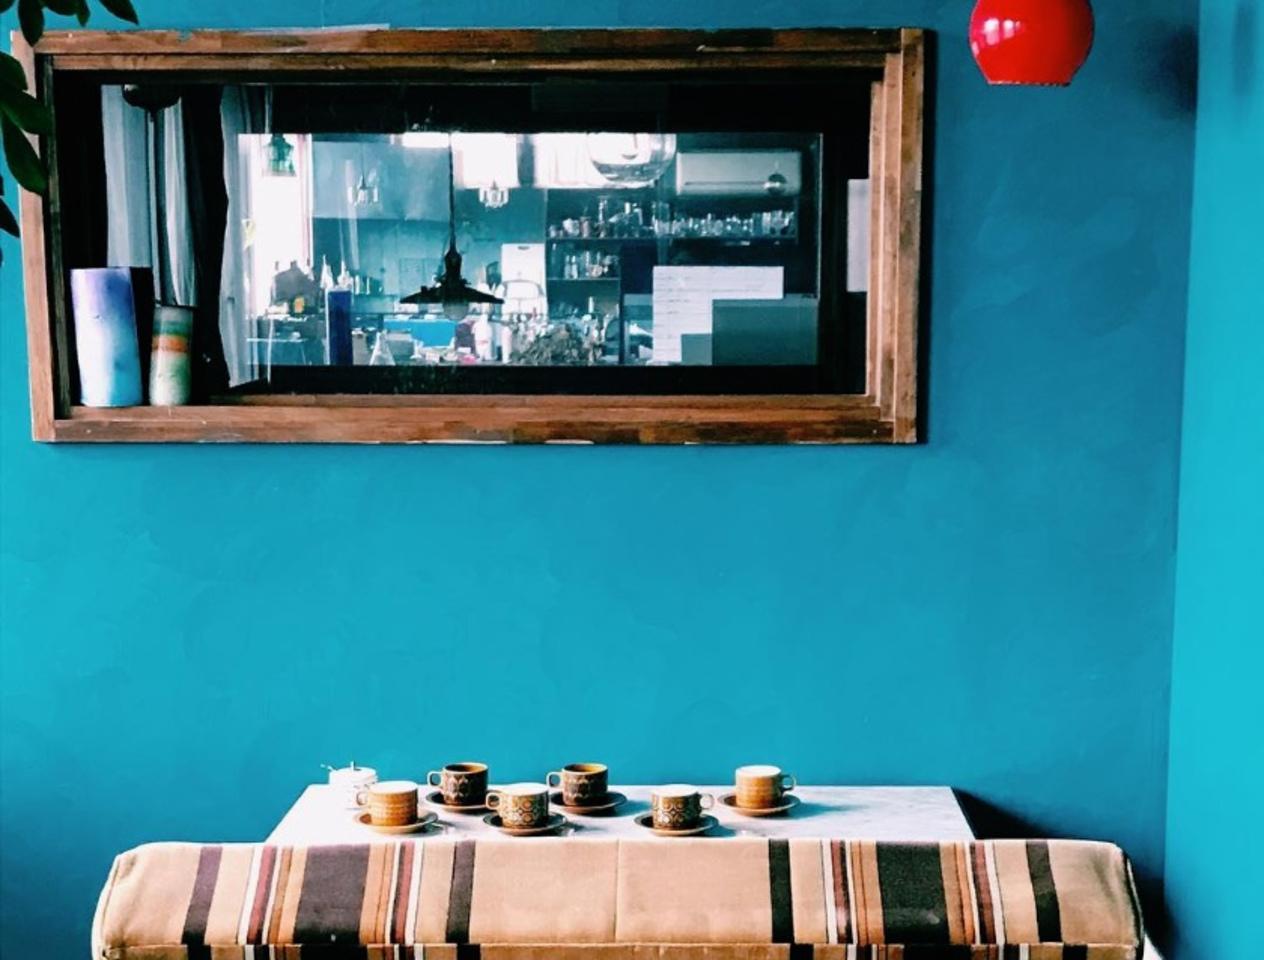 だいすきなあのコを誘う口実に...松阪市茶与町に『喫茶マカロニ』12/21オープン